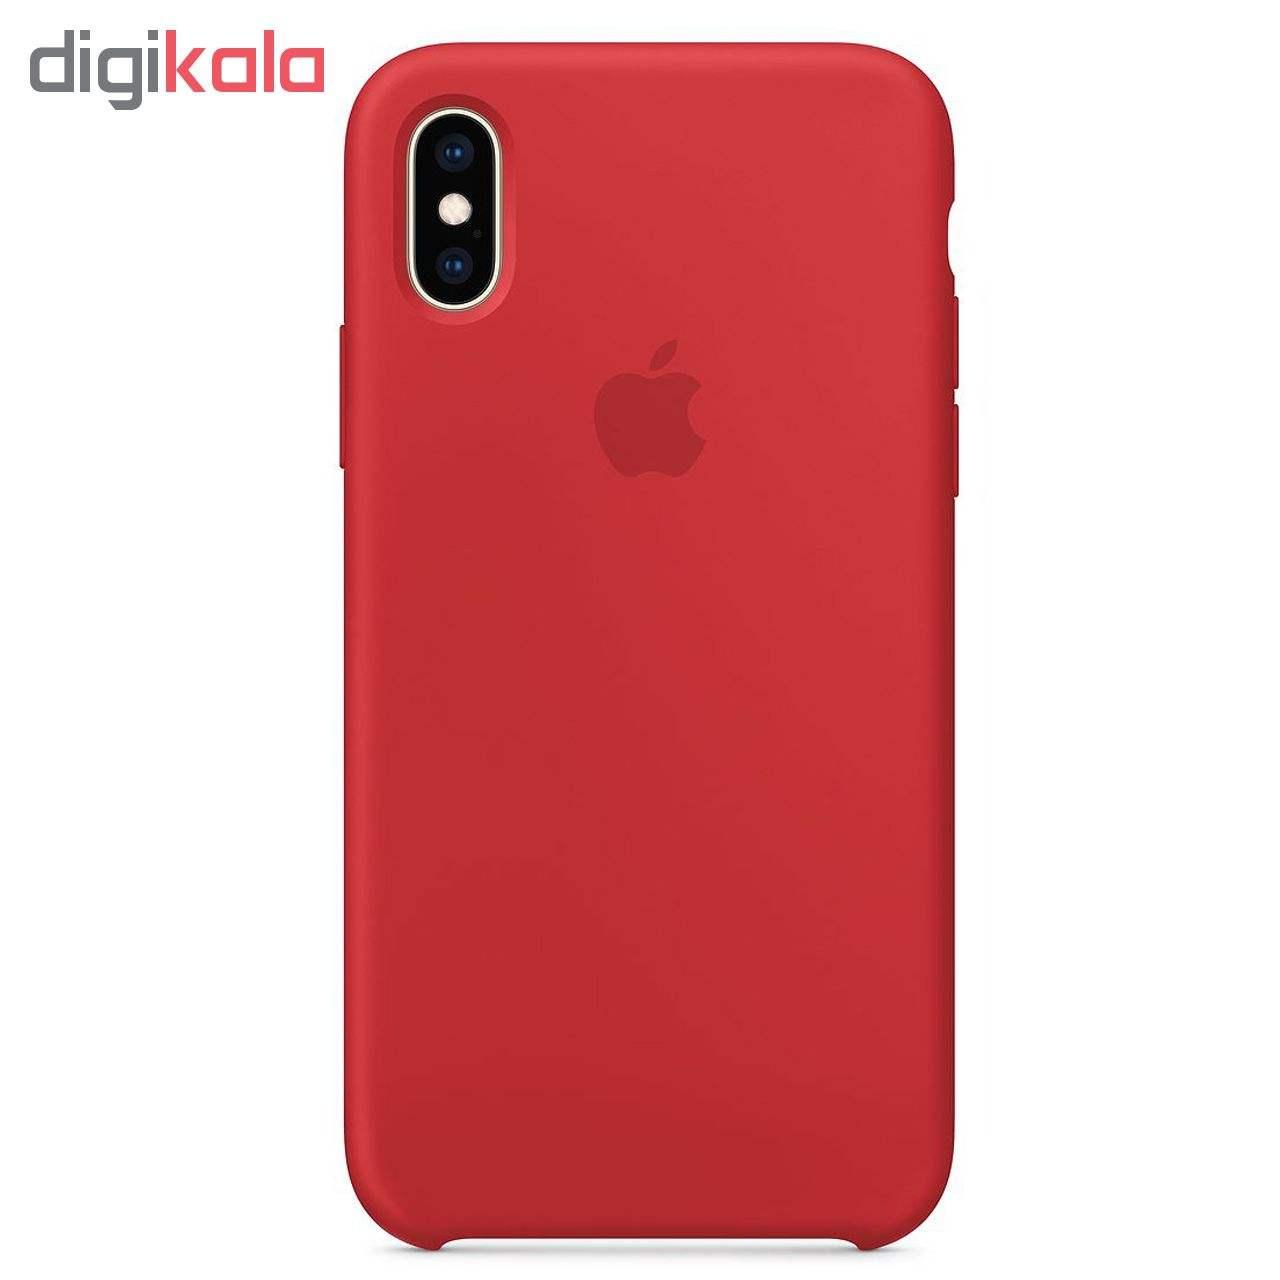 کاور مدل sili003 مناسب برای گوشی موبایل اپل Iphone X / XS main 1 4